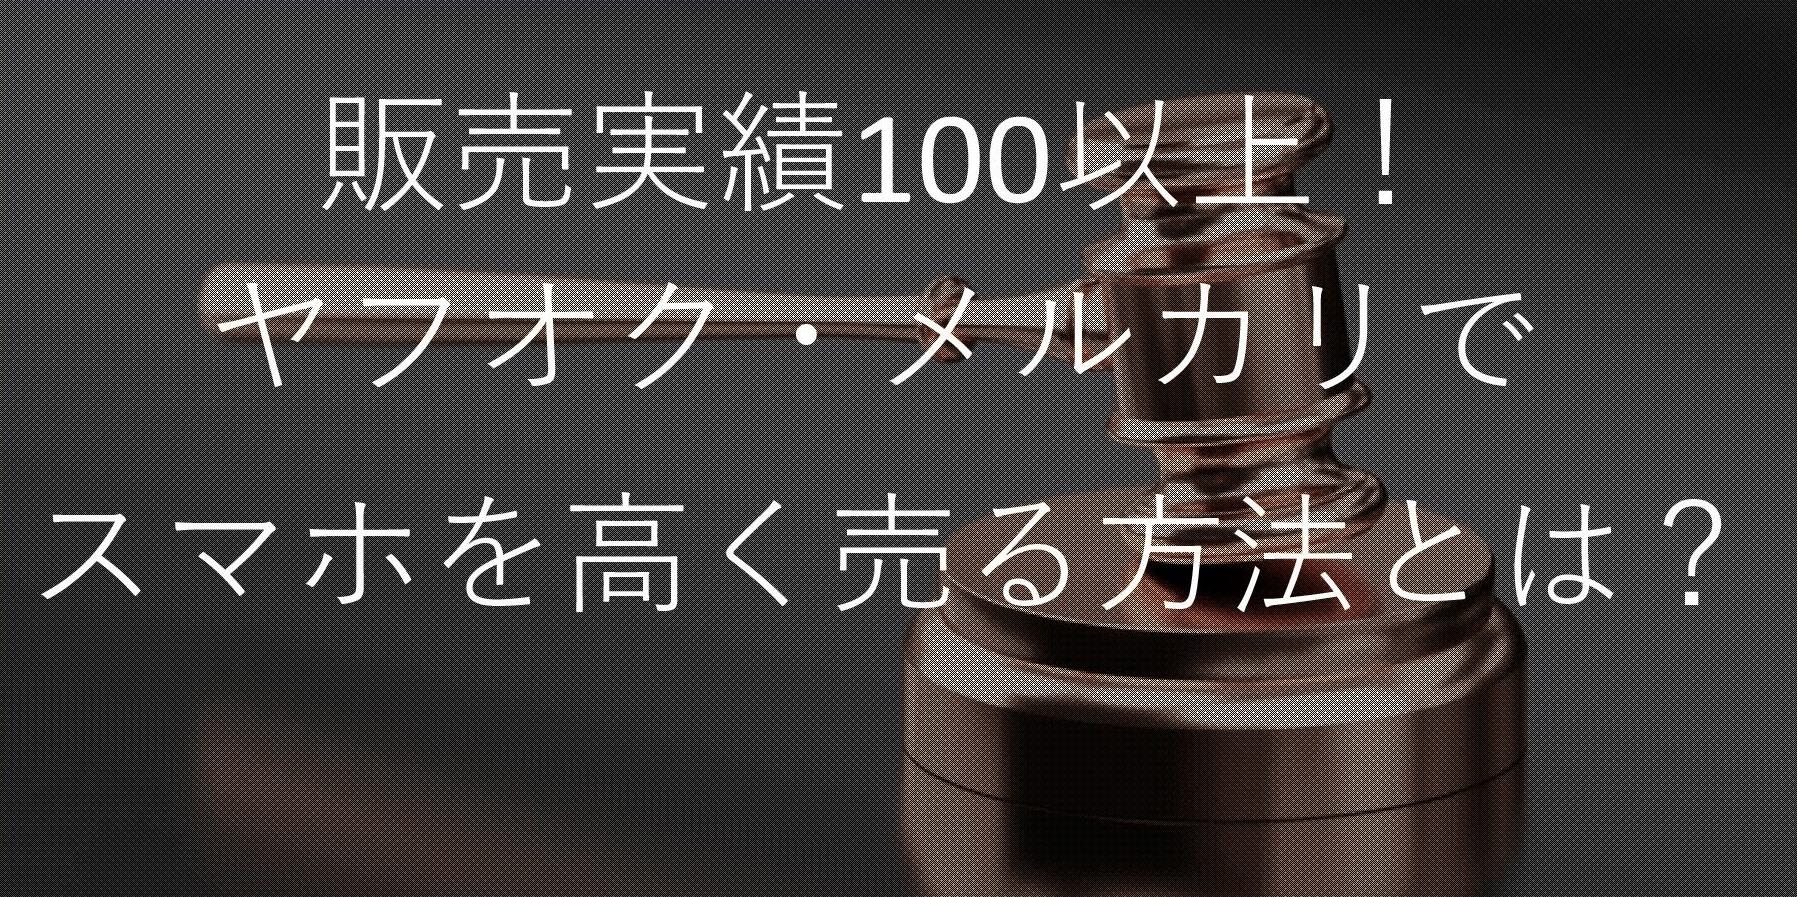 【コツ10選】中古iPhoneをヤフオク・メルカリで高く売る方法【テンプレ有】